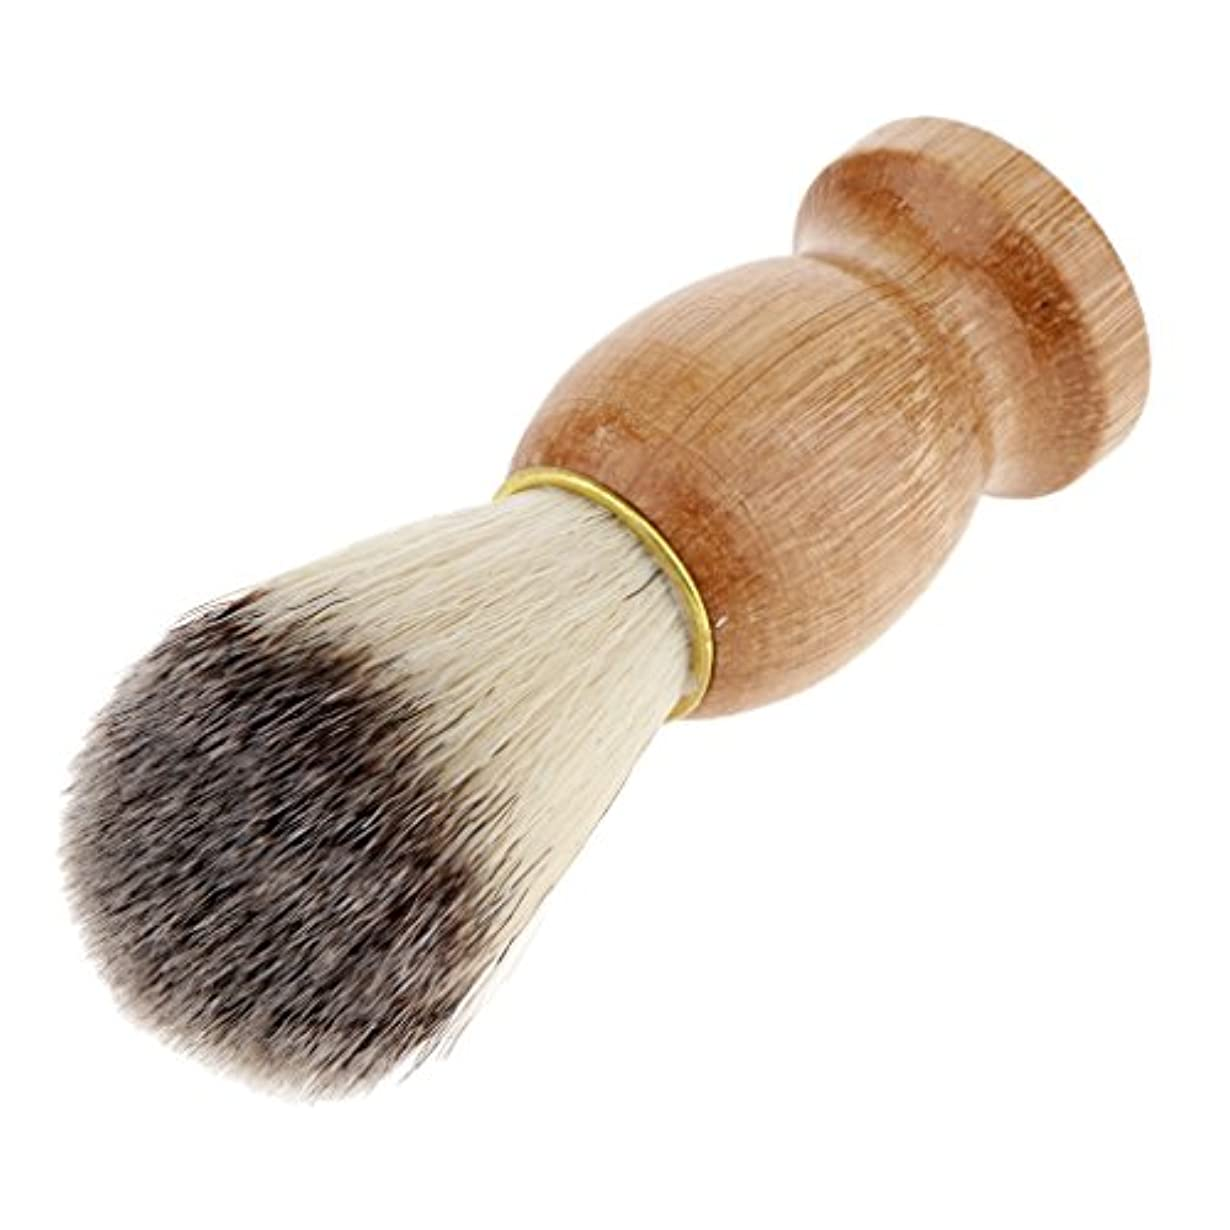 アライメントキャンパス若いBlesiya シェービングブラシ コスメブラシ 木製ハンドル メンズ ひげ剃りブラシ プレゼント